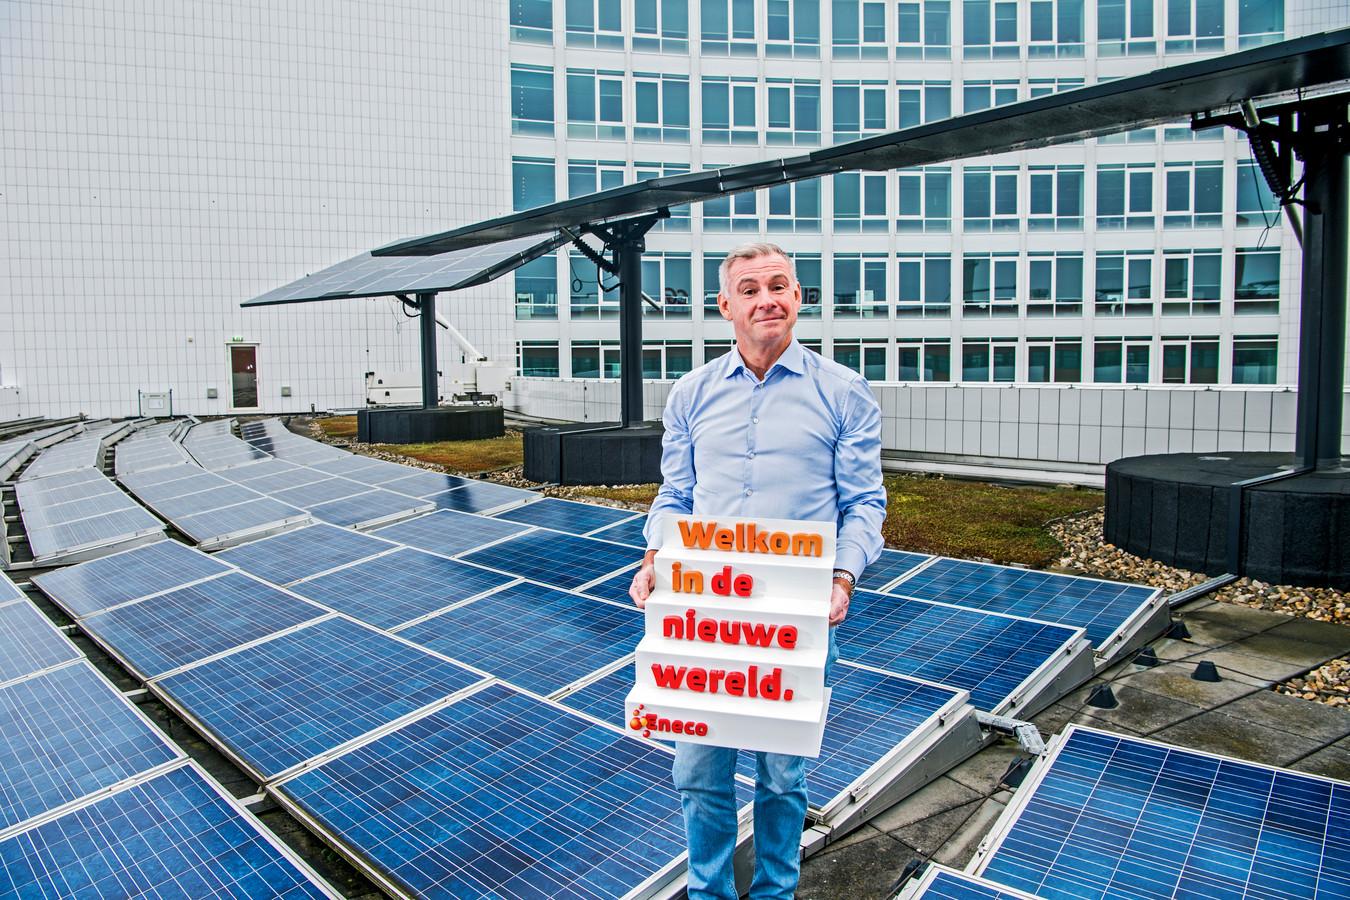 Voorzitter Willem Hofman van de ondernemingraad van Eneco is namens het personeel fel tegen verkoop, zolang er geen harde garanties zijn over werkgelegenheid en duurzaamheid.